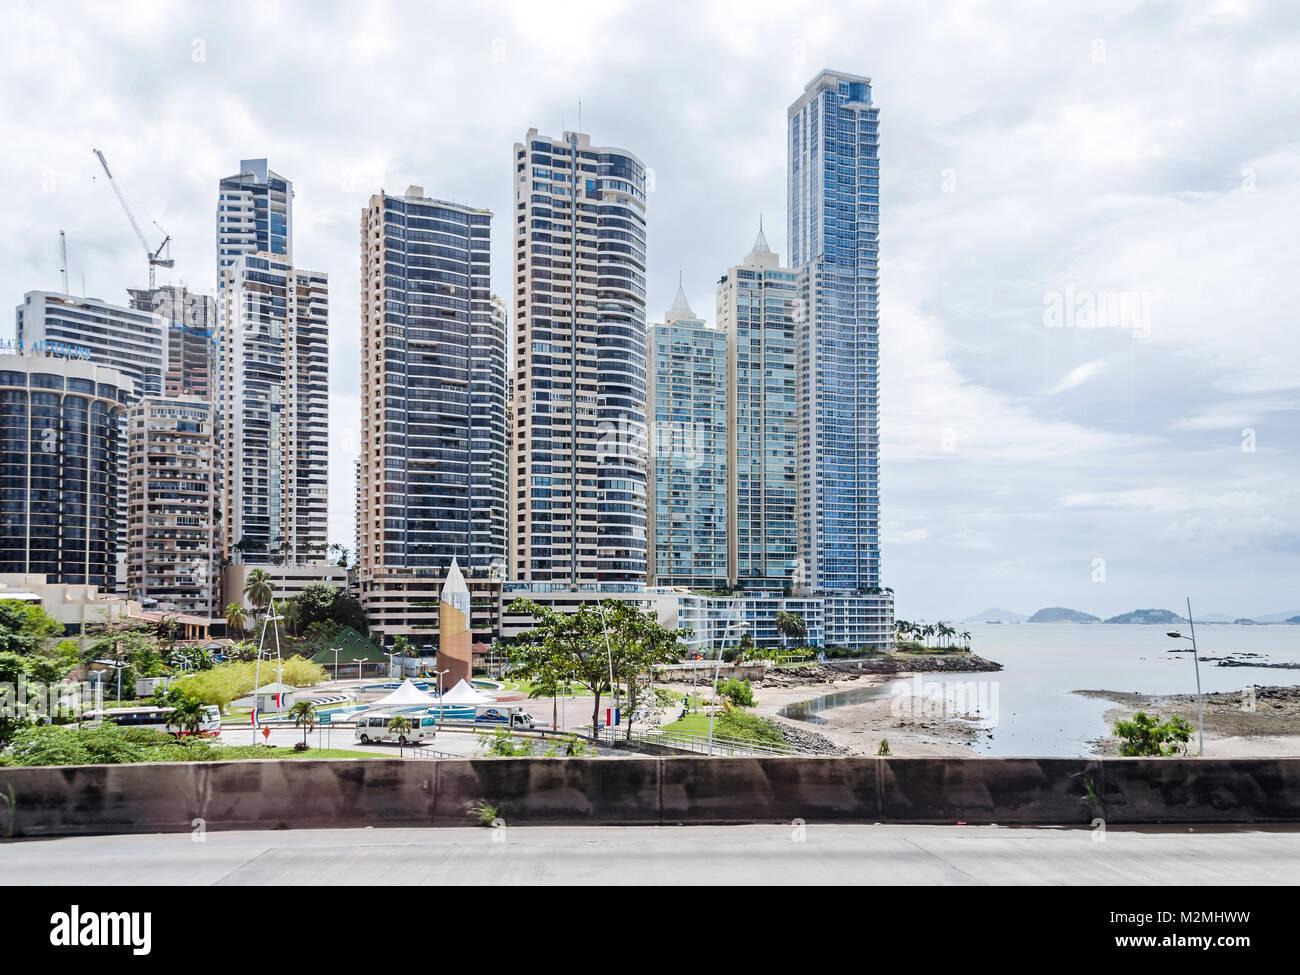 e28261d09f Panama City, Panama - 3 Novembre 2017: boom di costruzione nella città di  Panama. Punta Paitilla, Hotel Plaza Paitilla Inn a sinistra.